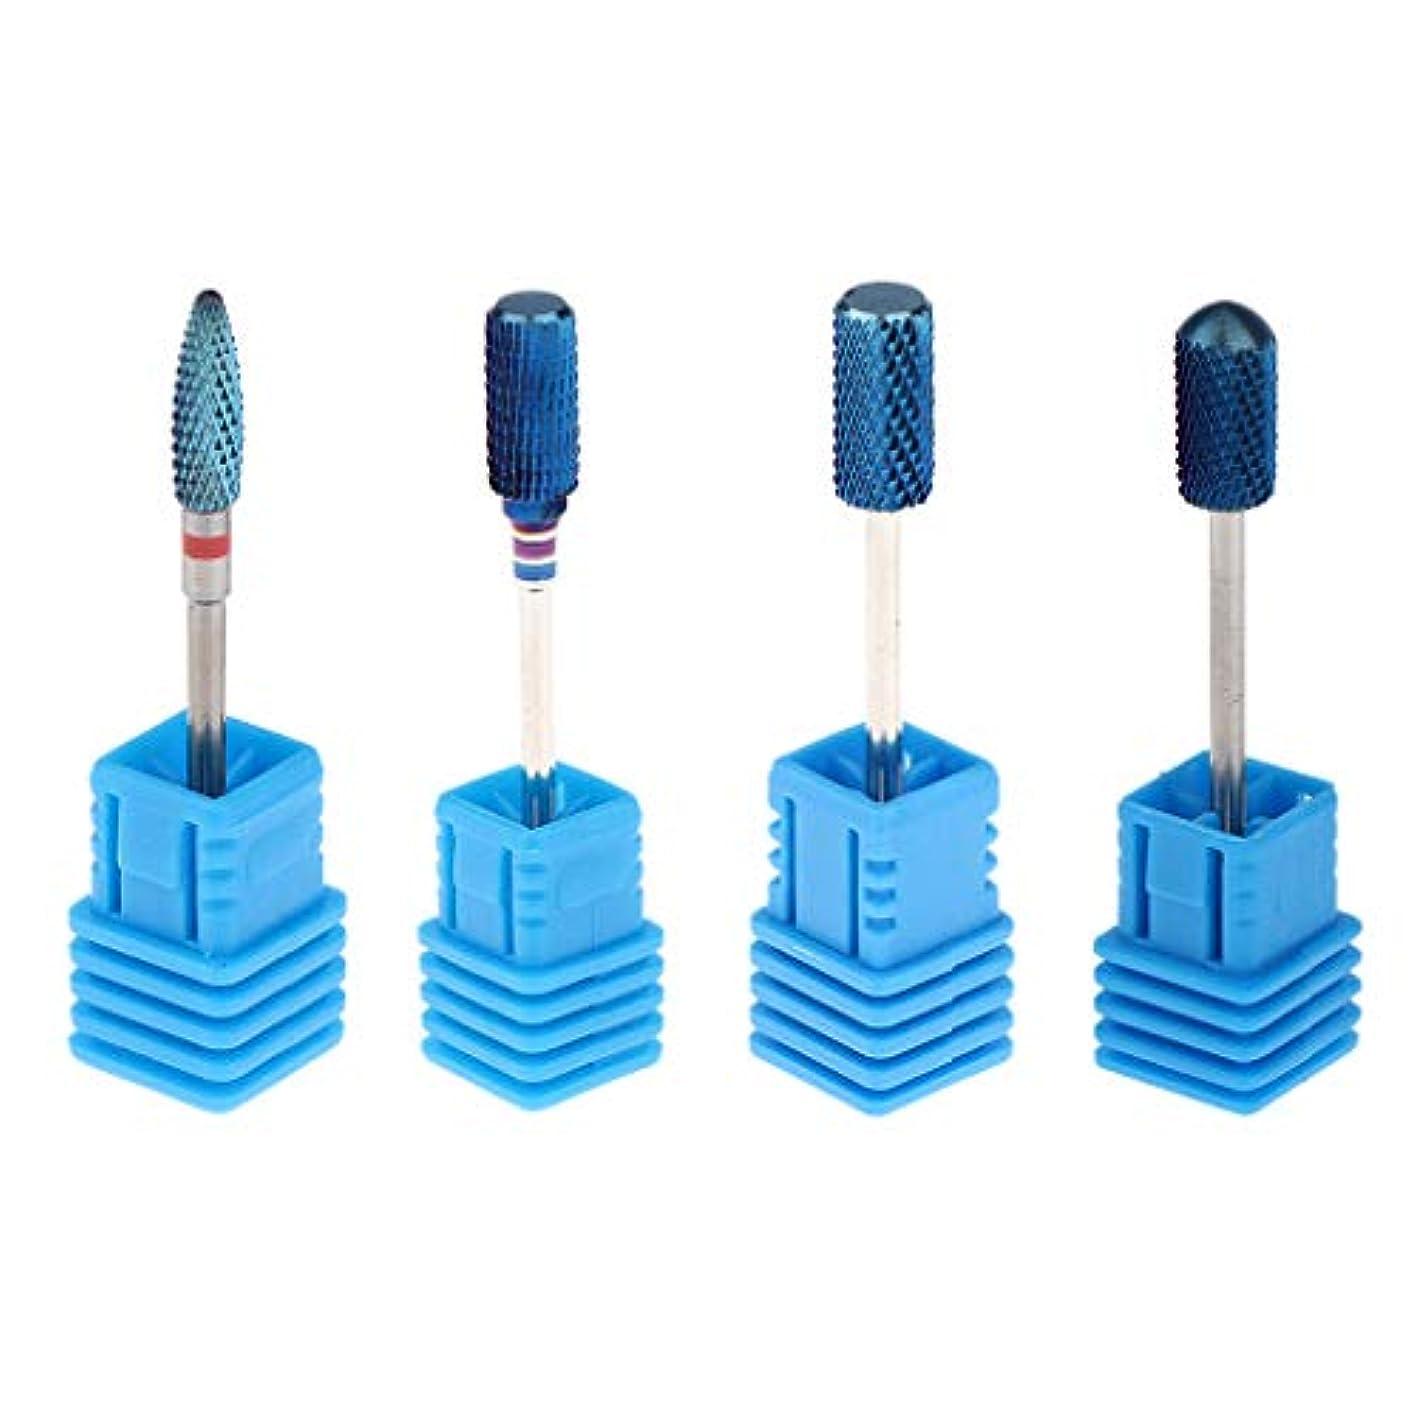 証人コード同情Toygogo ネイルドリルビット 研磨ビット ネイルアート マニキュア ネイル研削ヘッド タングステン鋼